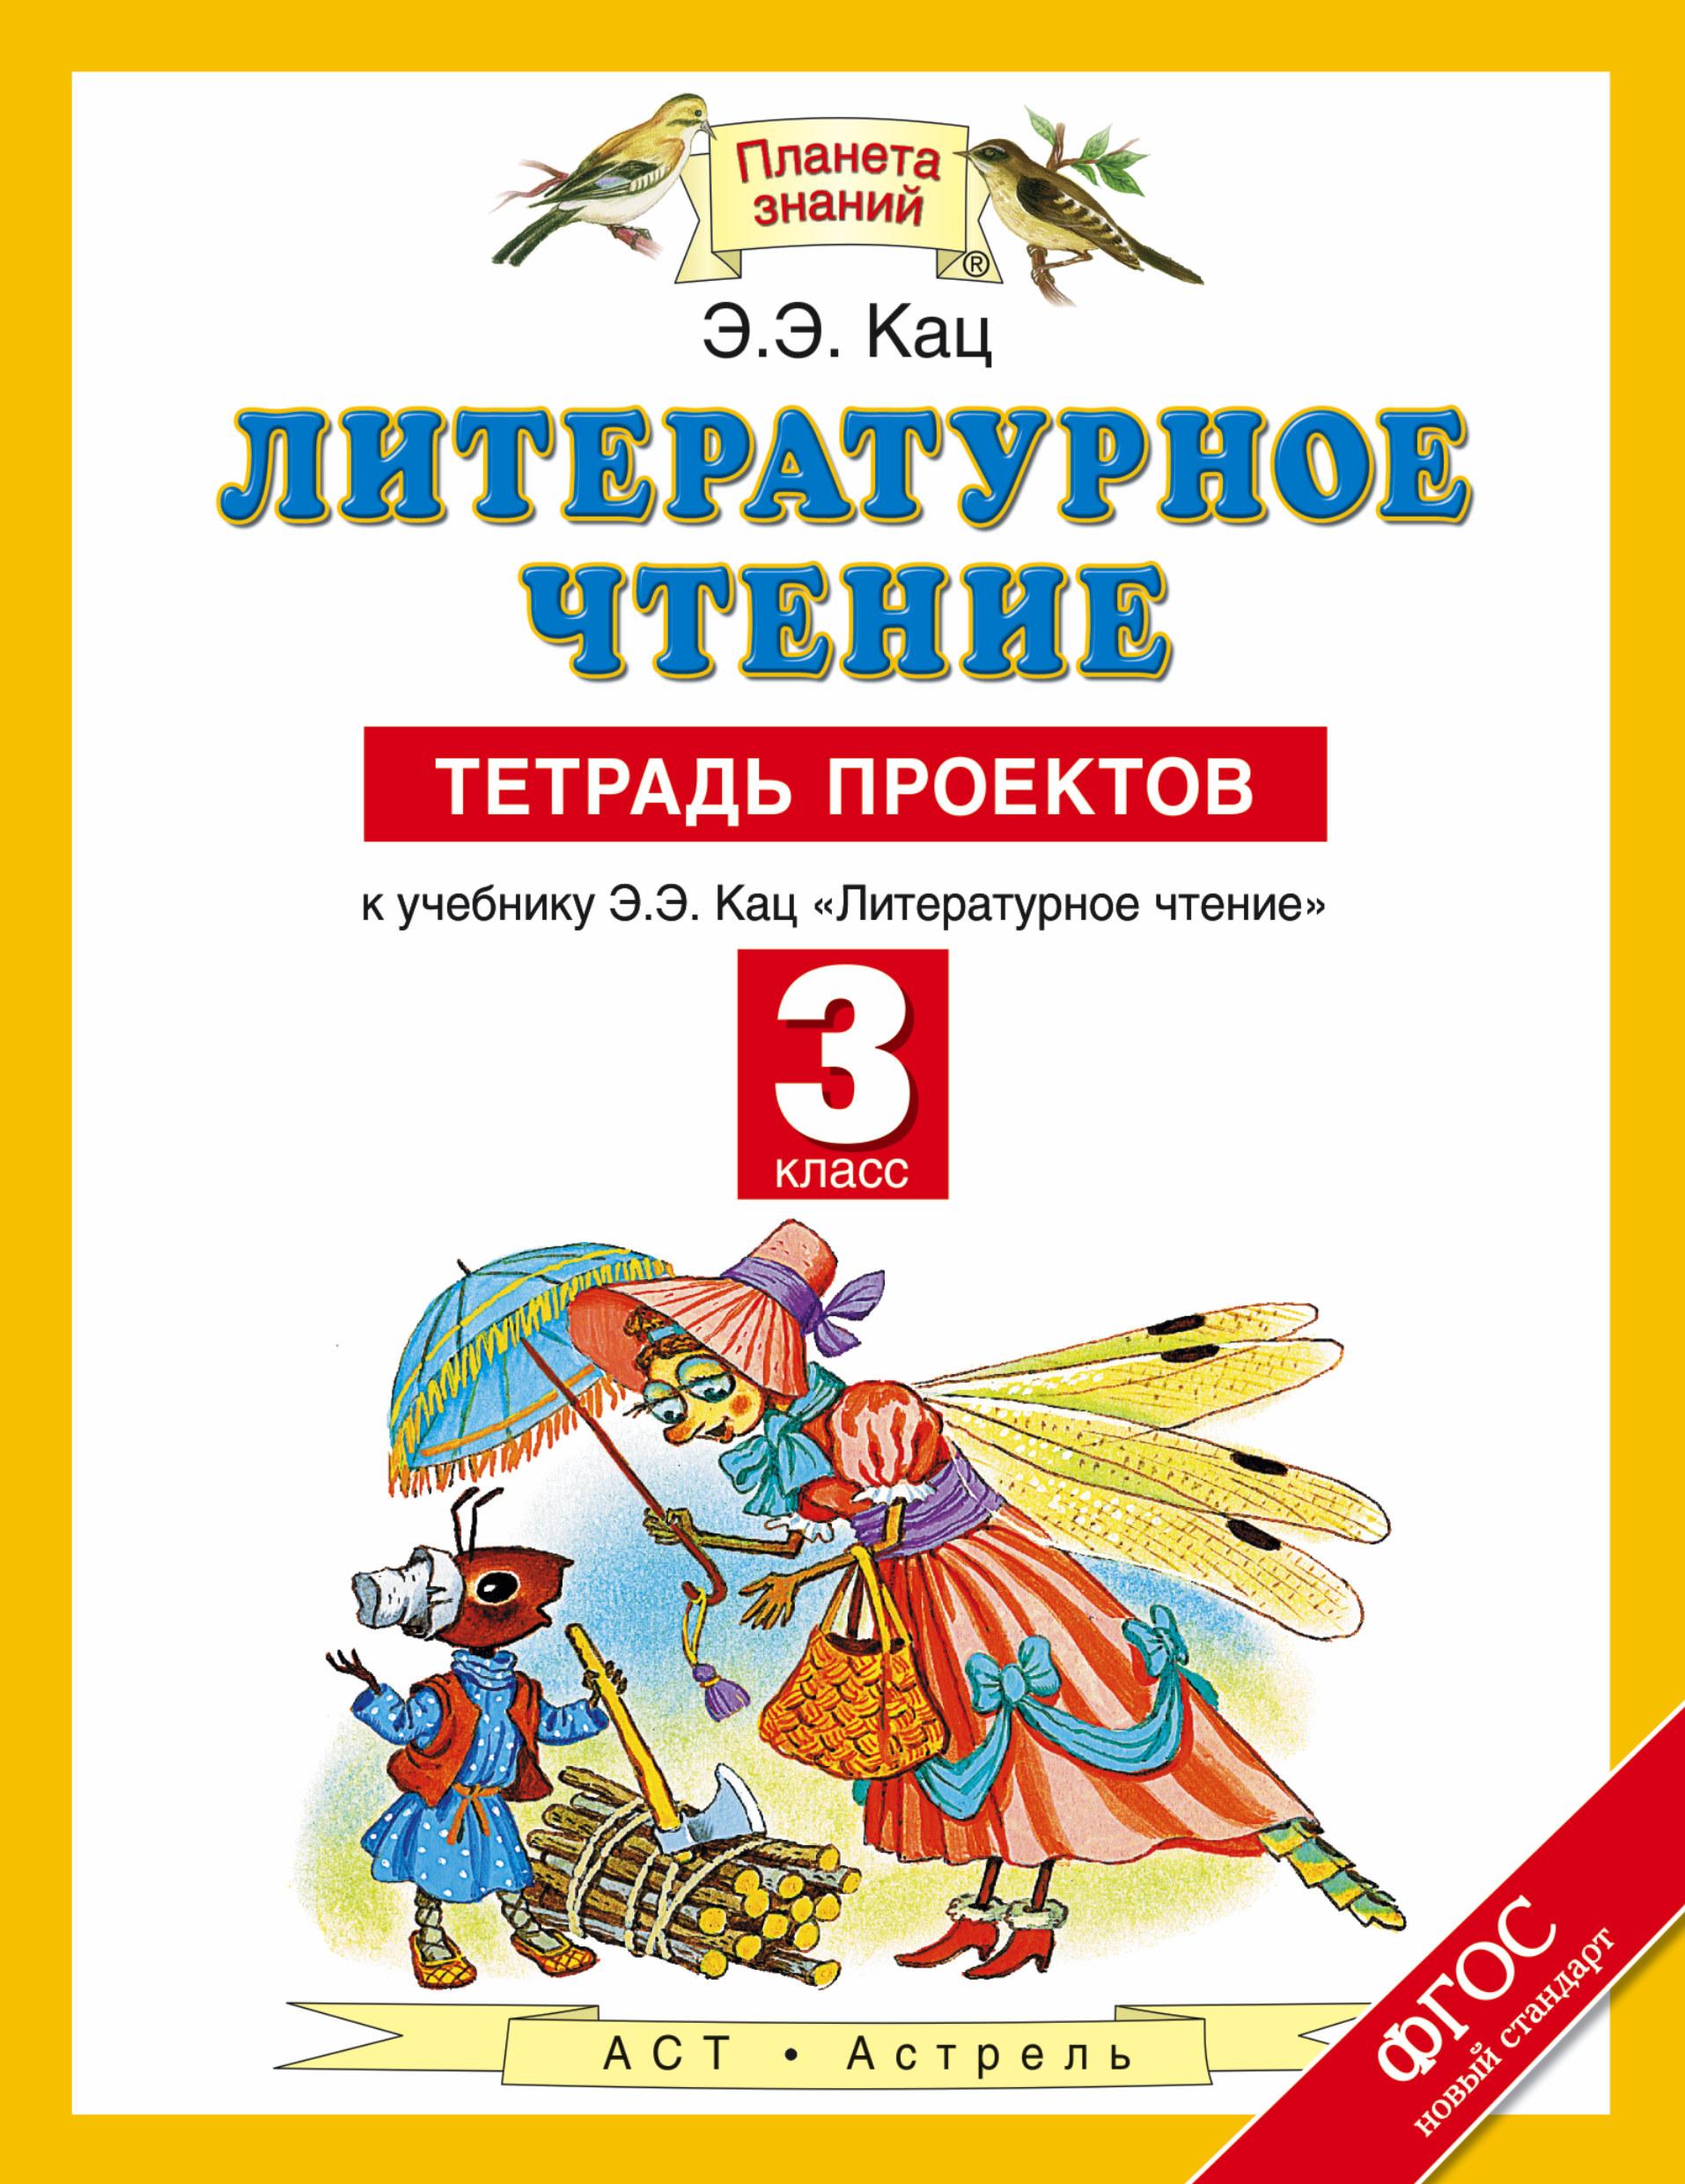 Литературное чтение. 3 класс. Тетрадь проектов ( Кац Э.Э.  )